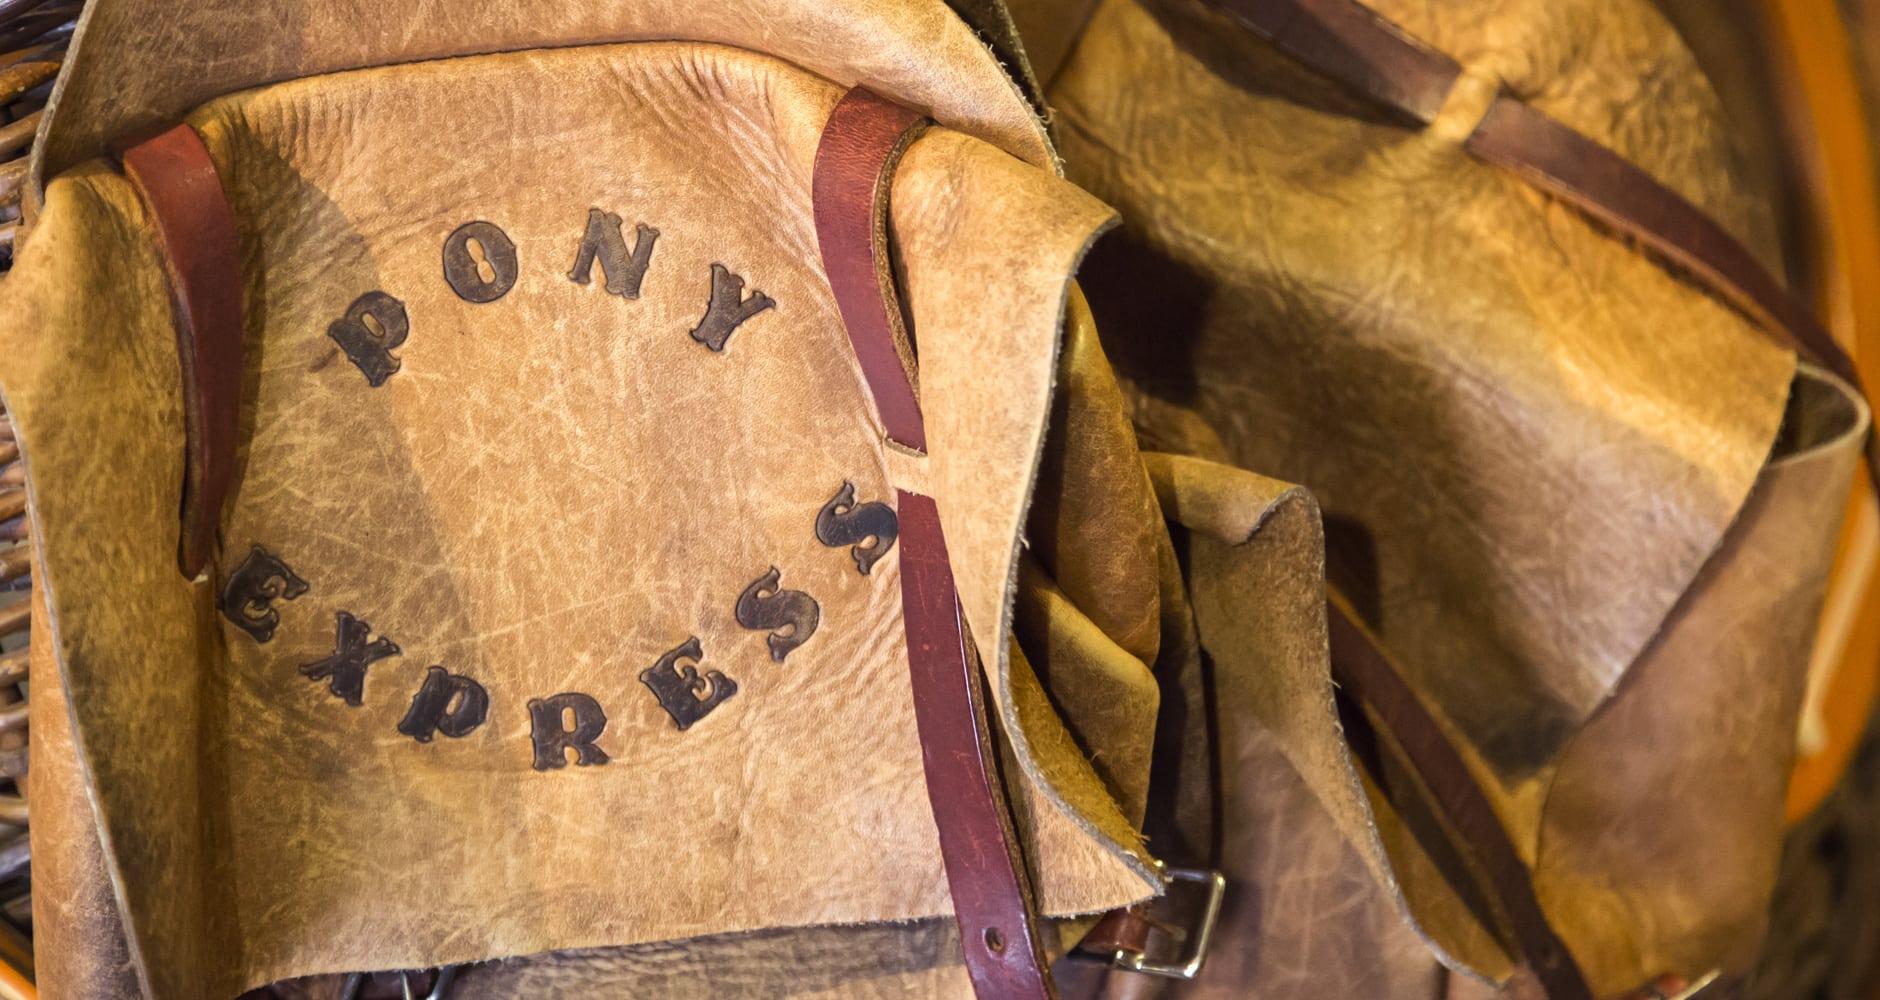 Pony express leather saddlebag